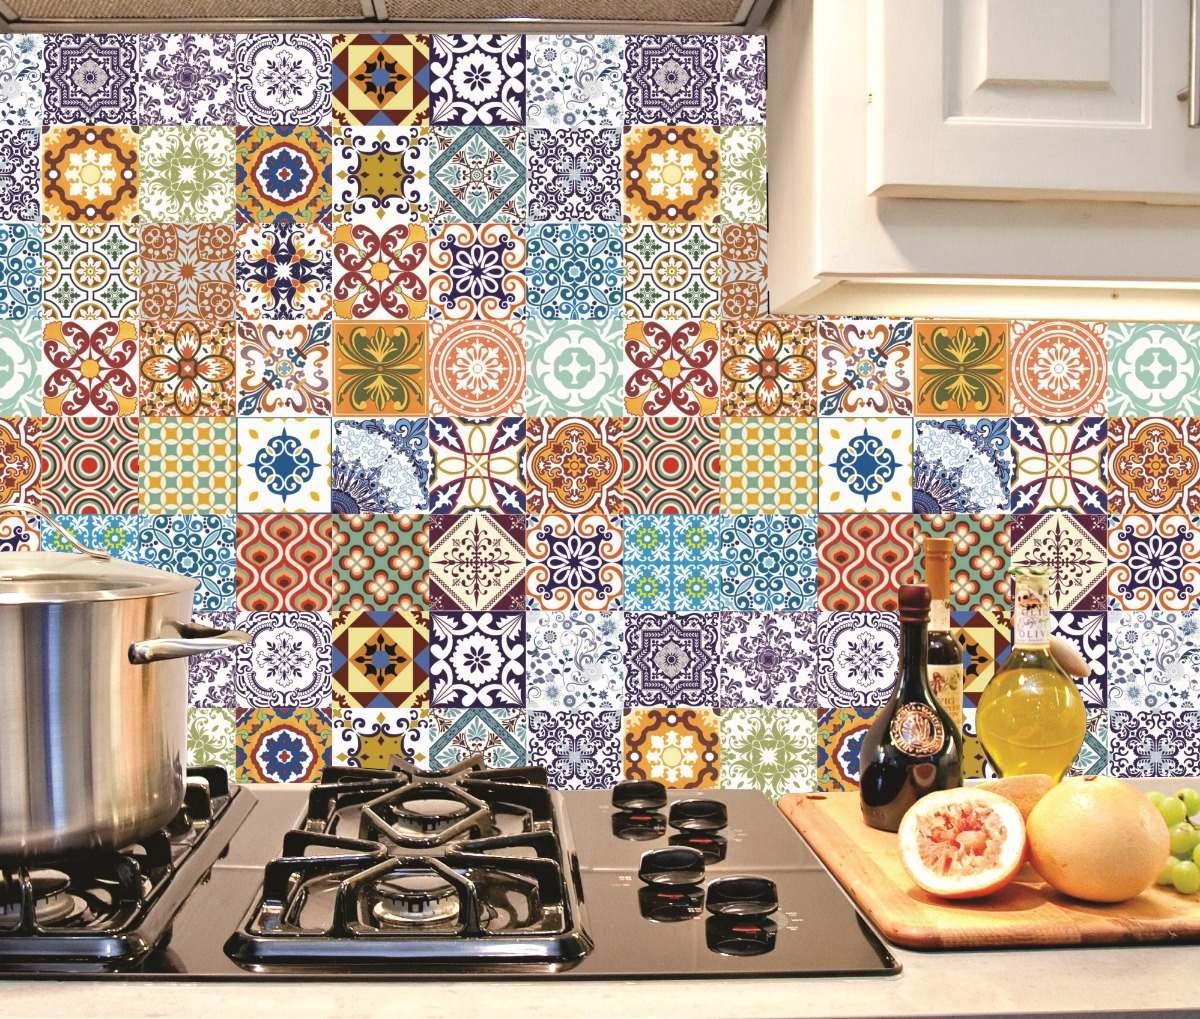 Adesivo Decorativo Papel Parede Azulejo Cozinha 15x15 16un R 25 99 Em Mercado Livre